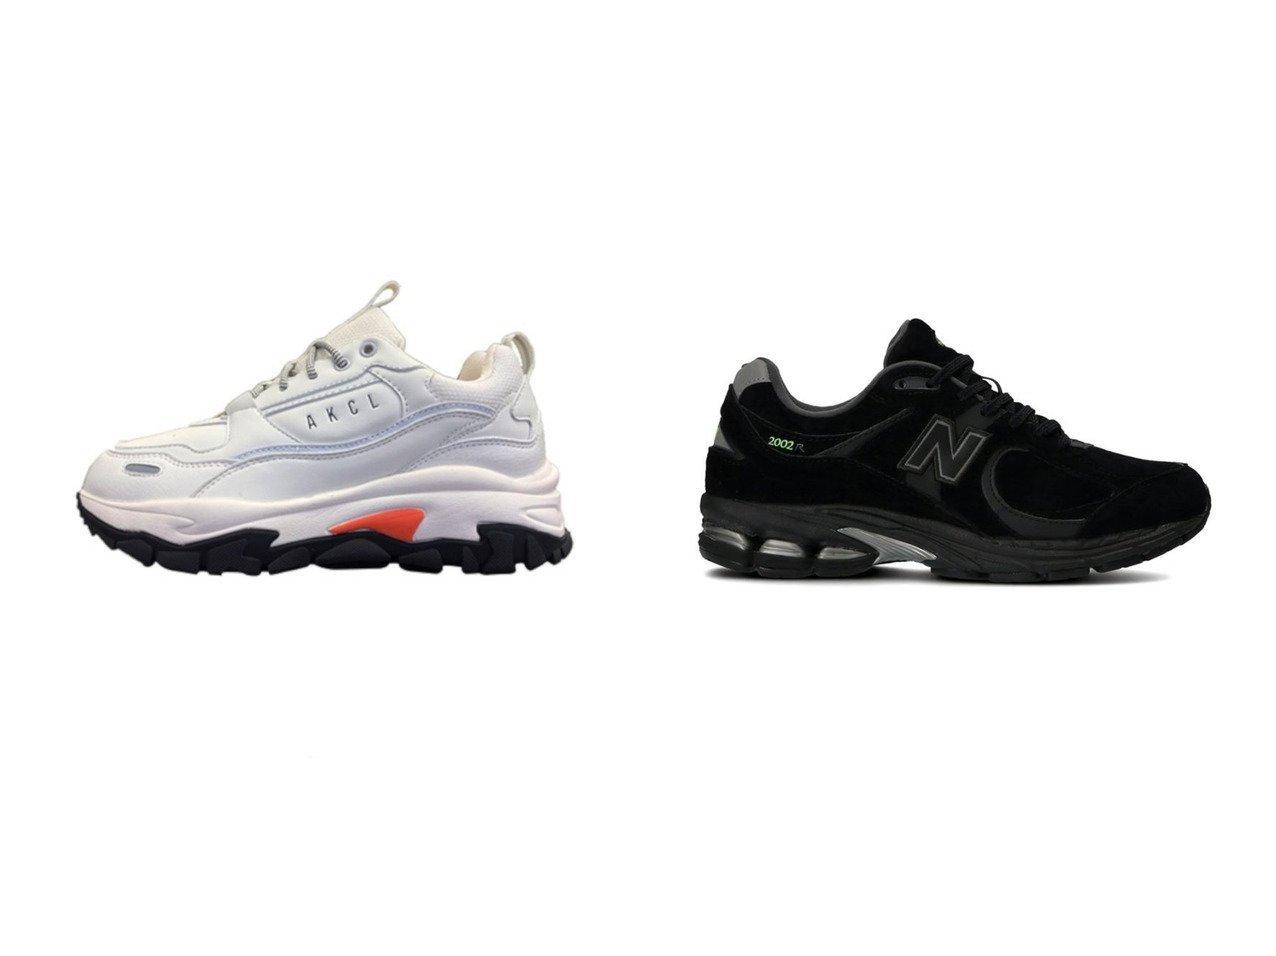 【Juze/ジュゼ】の【AKIII CLASSIC】AKIII URBAN TRACKER&【emmi/エミ】の【New Balance】ML2002R 【シューズ・靴】おすすめ!人気、トレンド・レディースファッションの通販 おすすめで人気の流行・トレンド、ファッションの通販商品 メンズファッション・キッズファッション・インテリア・家具・レディースファッション・服の通販 founy(ファニー) https://founy.com/ ファッション Fashion レディースファッション WOMEN インソール 厚底 春 Spring シューズ スニーカー スポーツ スリッポン トレンド 人気 レース S/S・春夏 SS・Spring/Summer おすすめ Recommend |ID:crp329100000035483